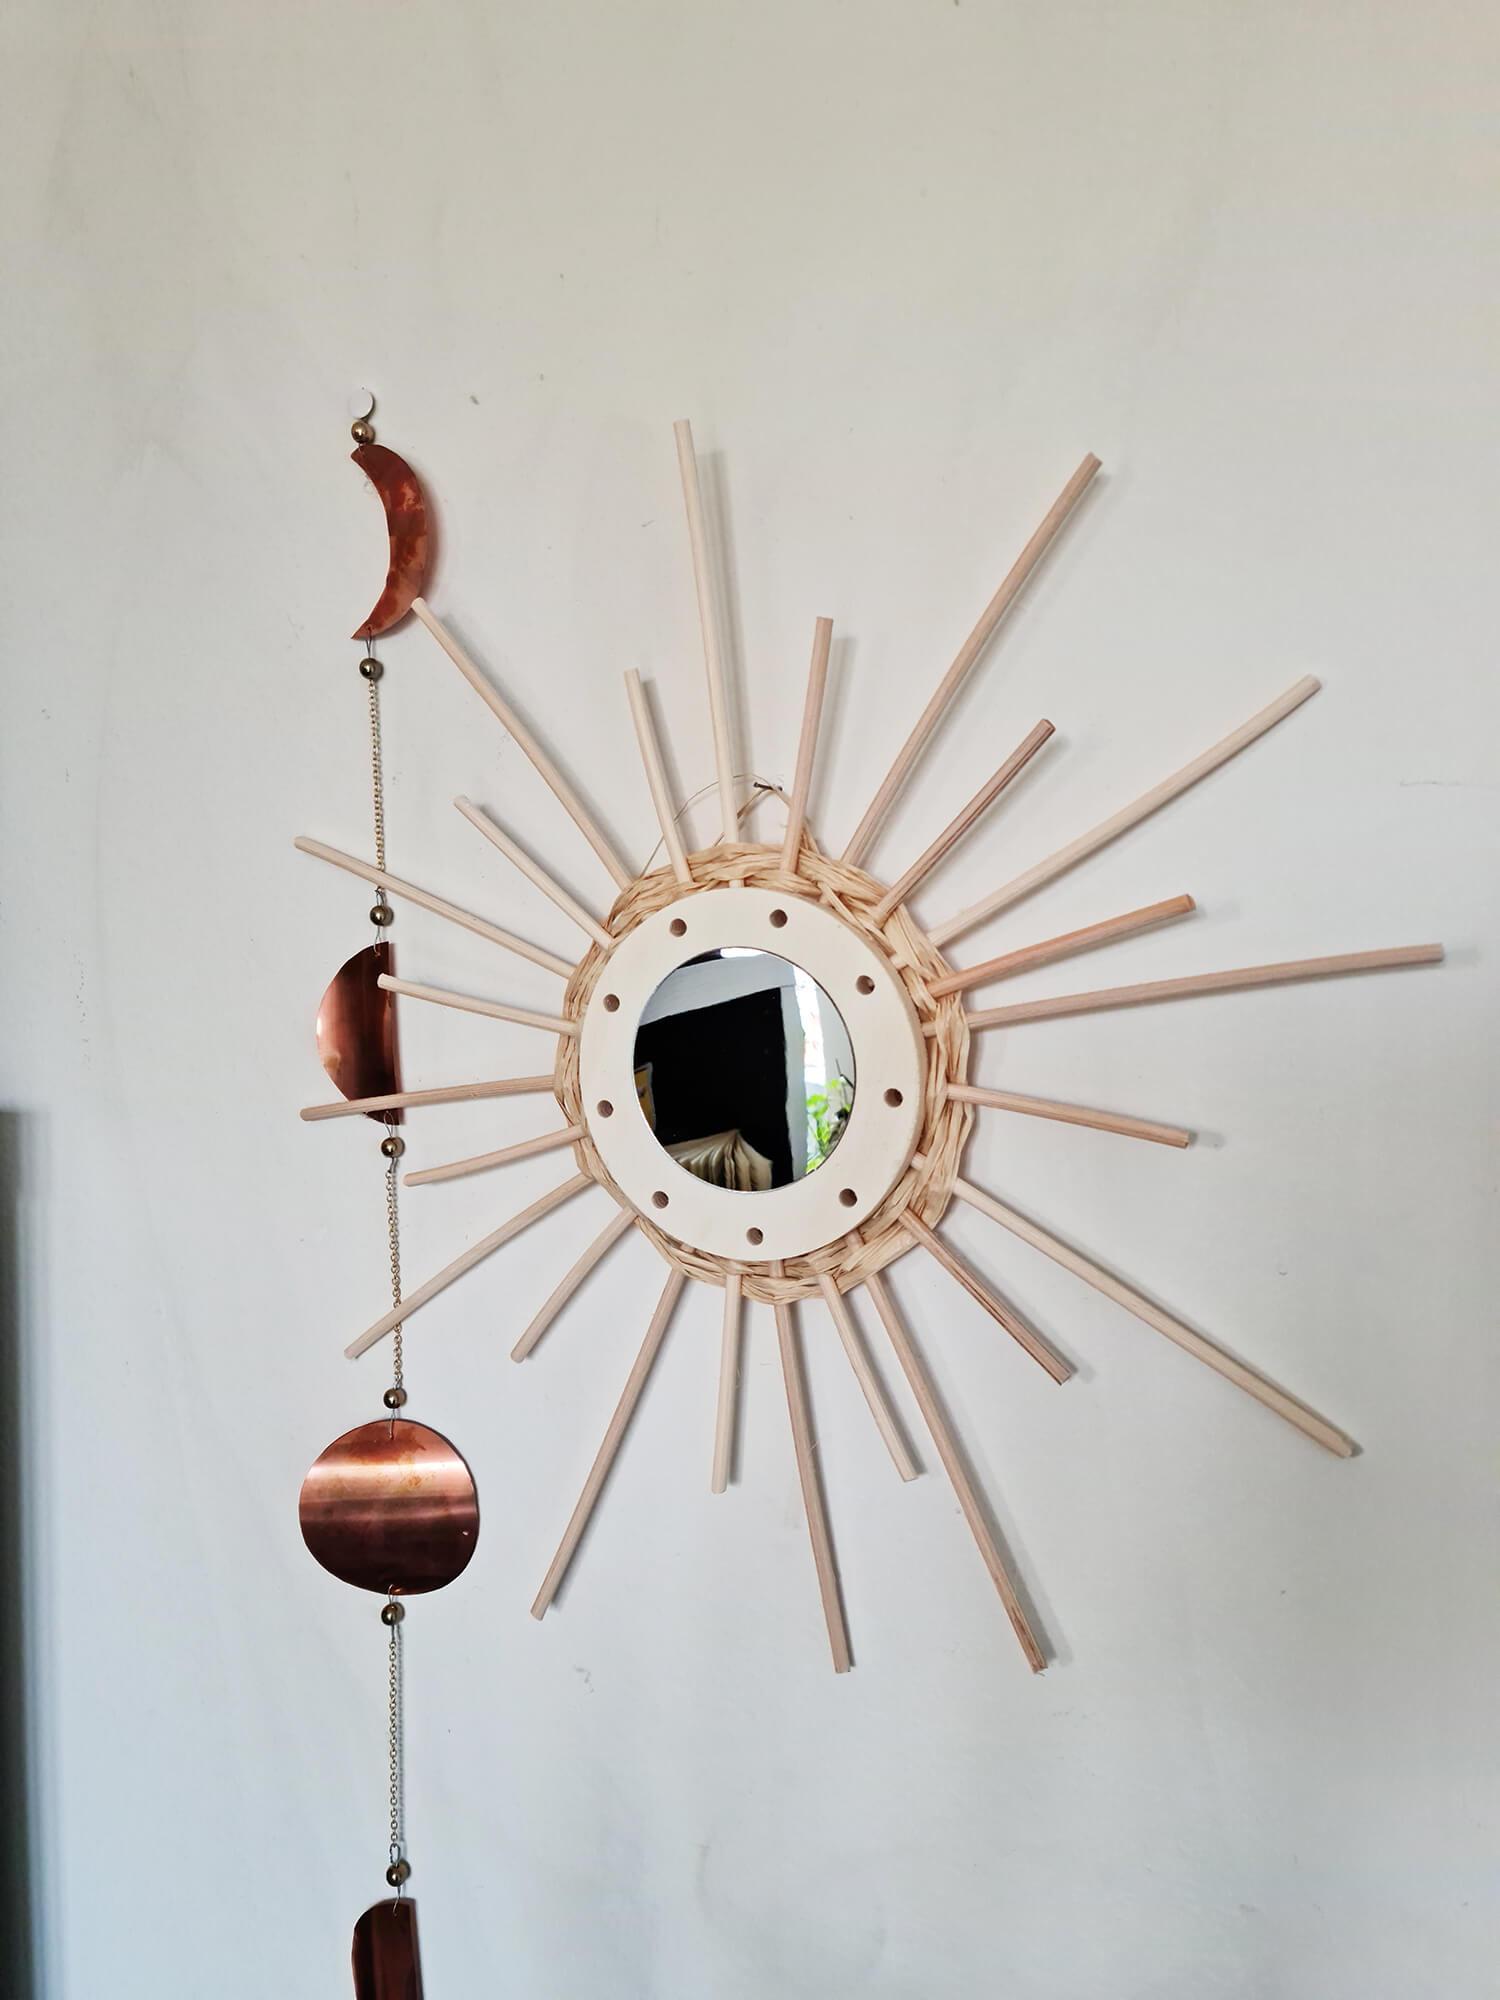 20210319 160629 - DIY déco : donner vie à des miroirs en rotin